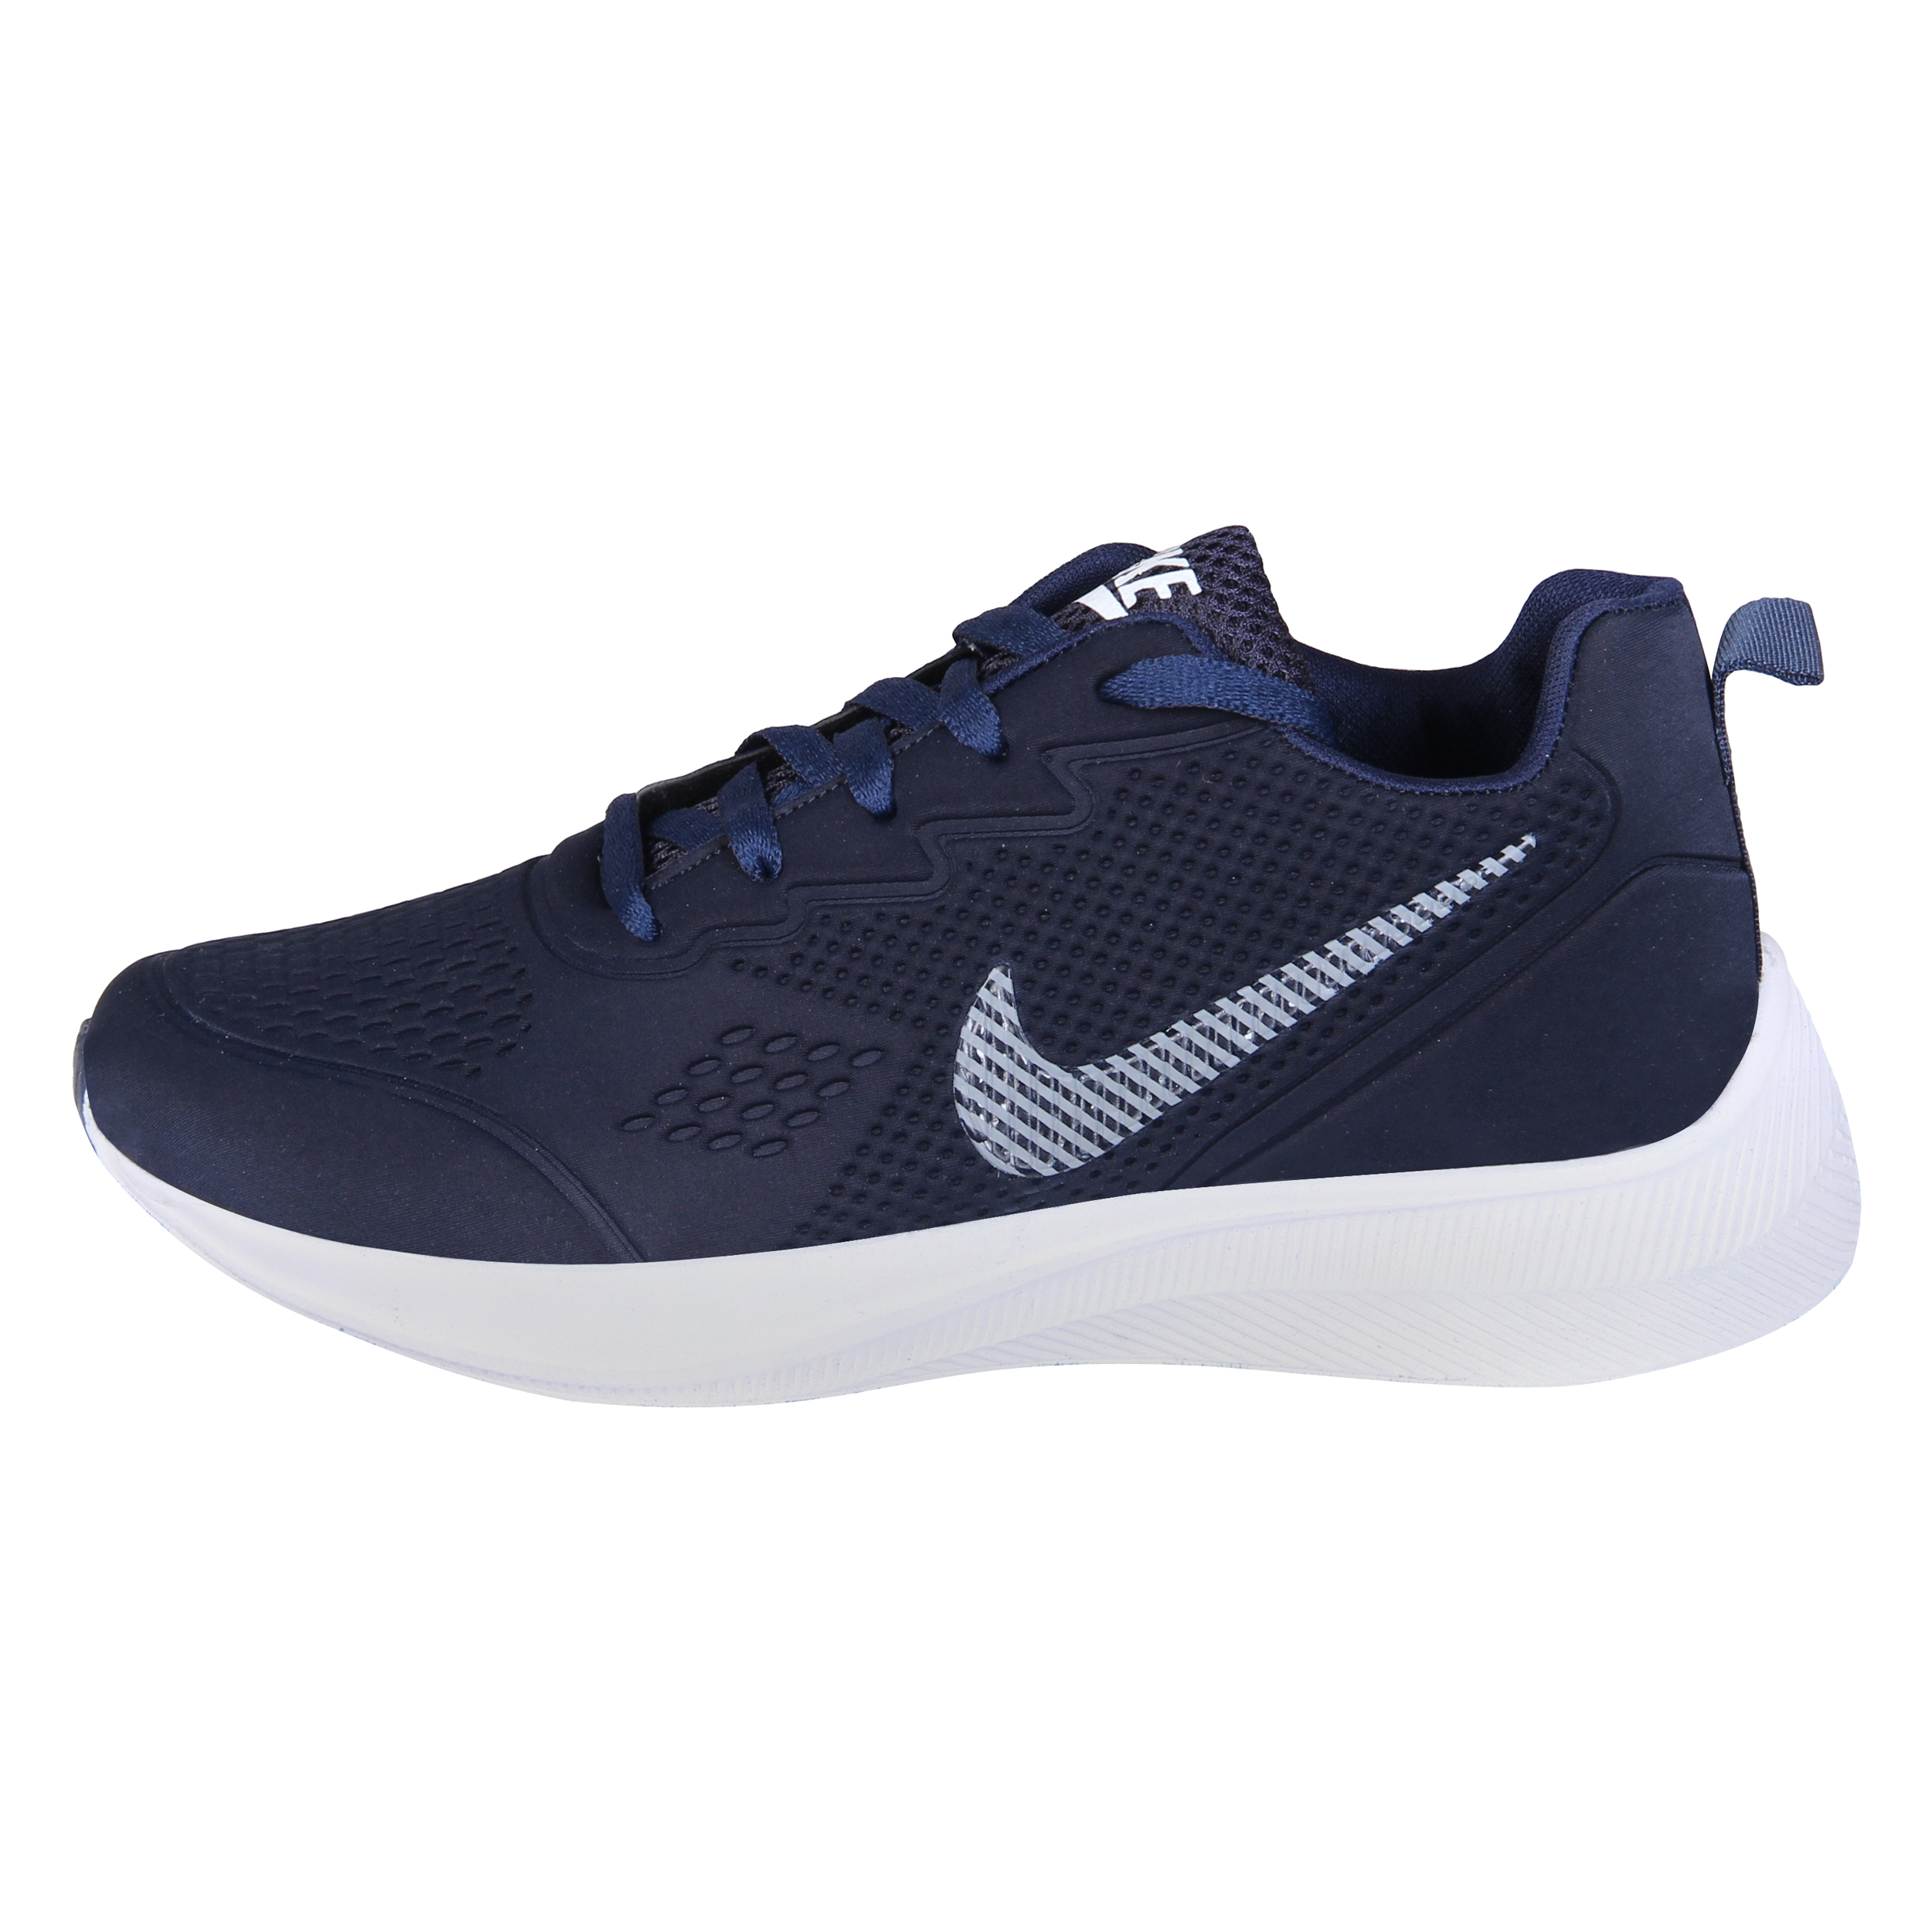 خرید                      کفش  پیاده روی مردانه کد 13-40003